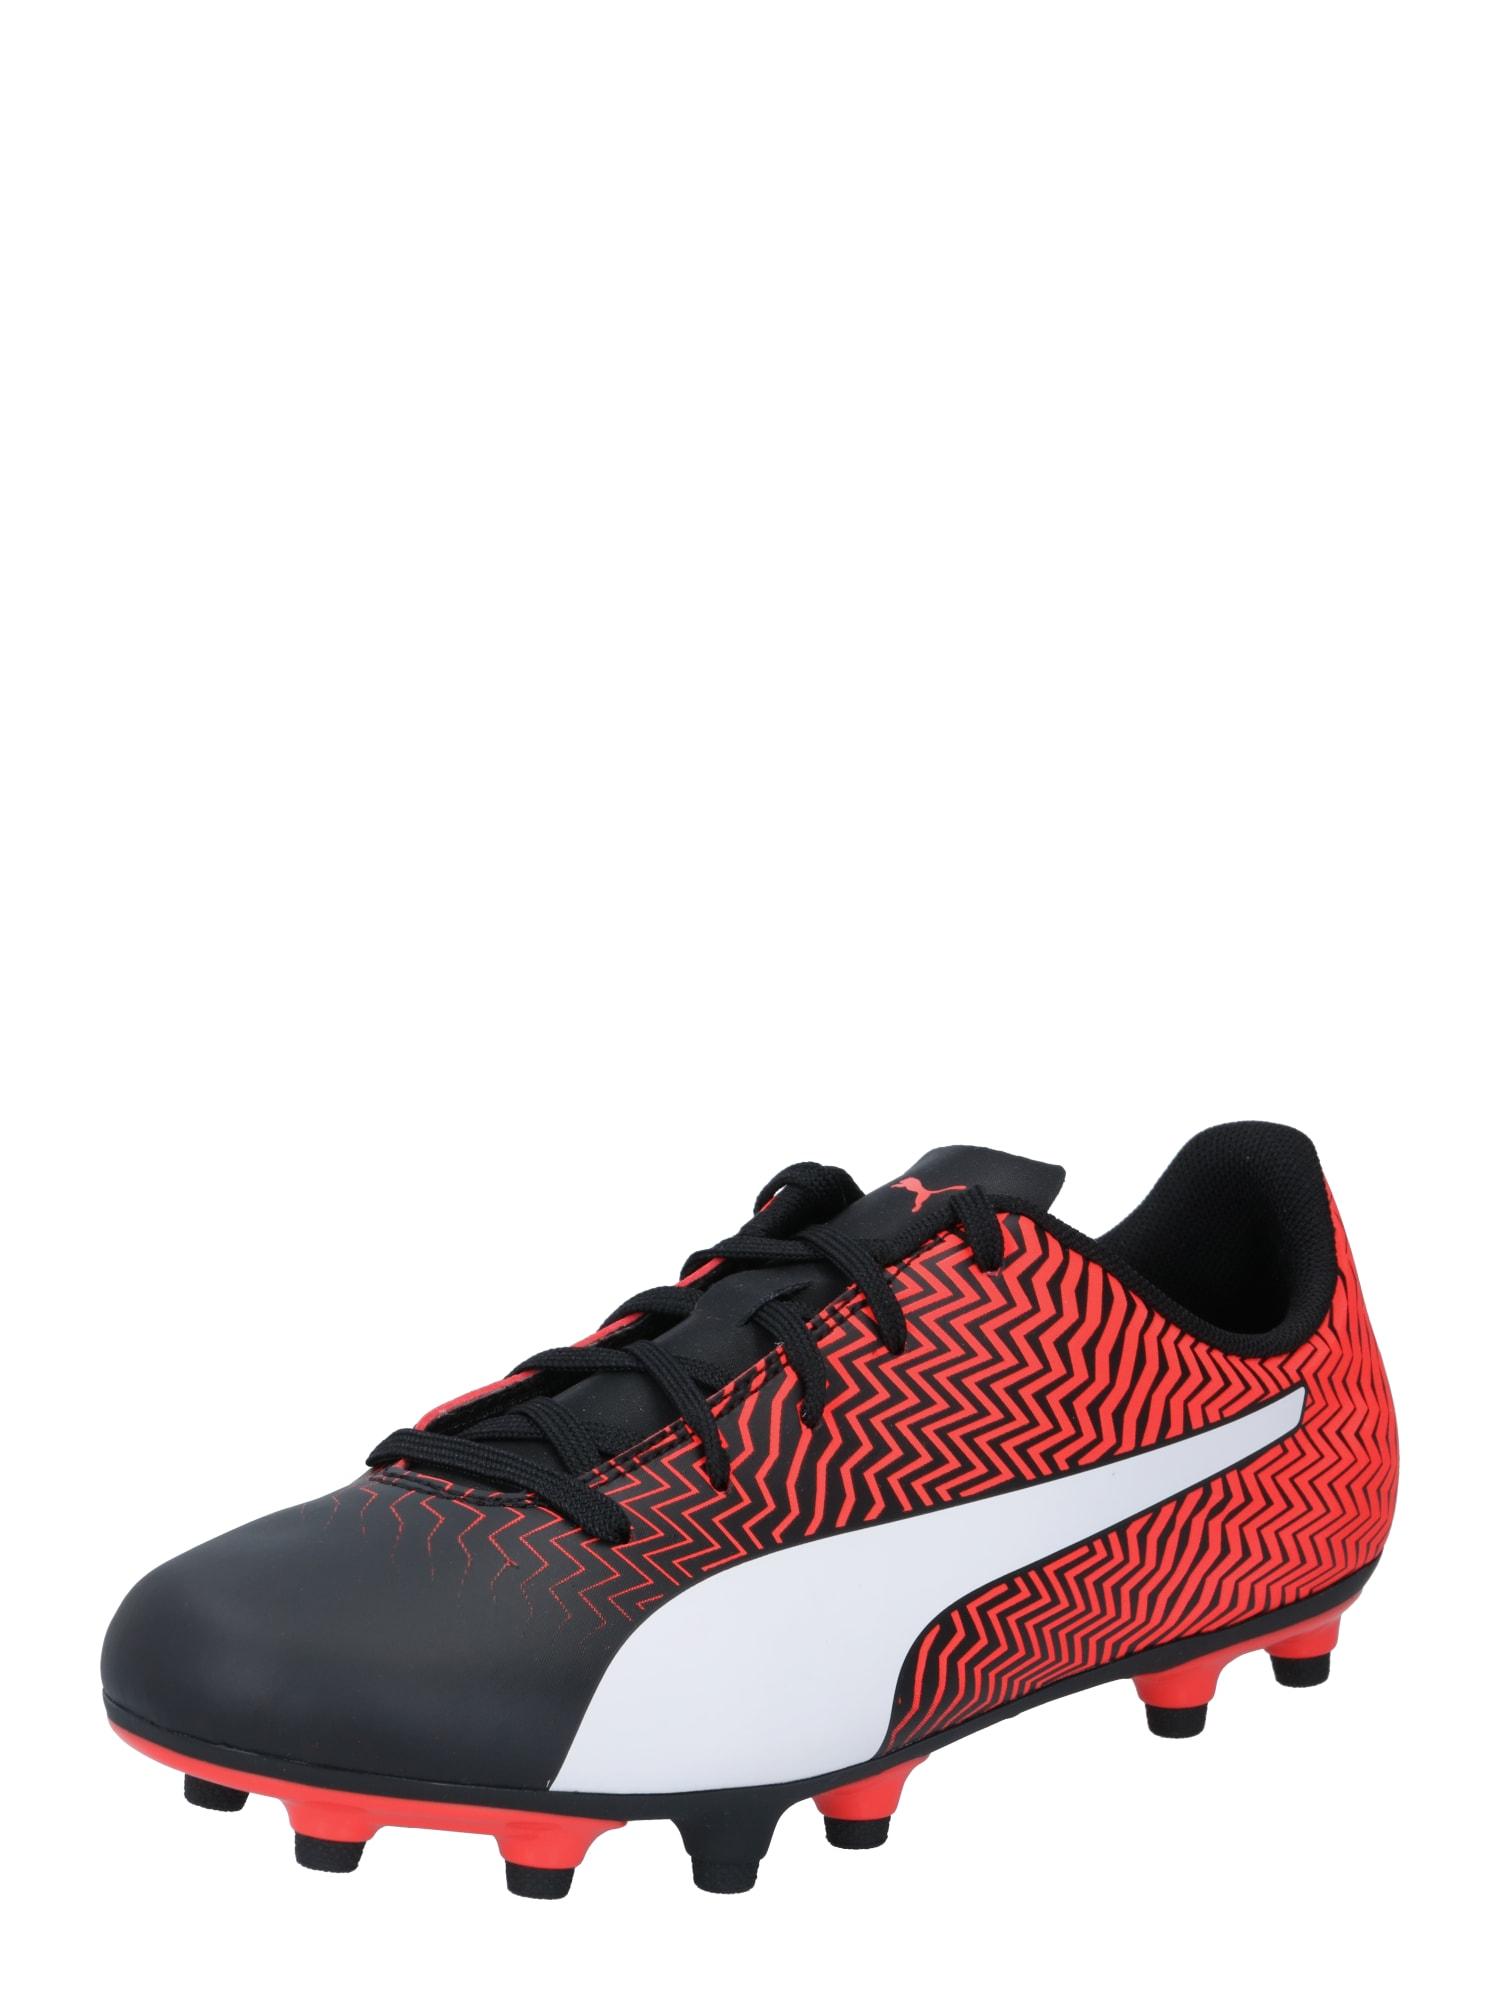 PUMA Sportiniai batai 'Rapido II' juoda / raudona / balta